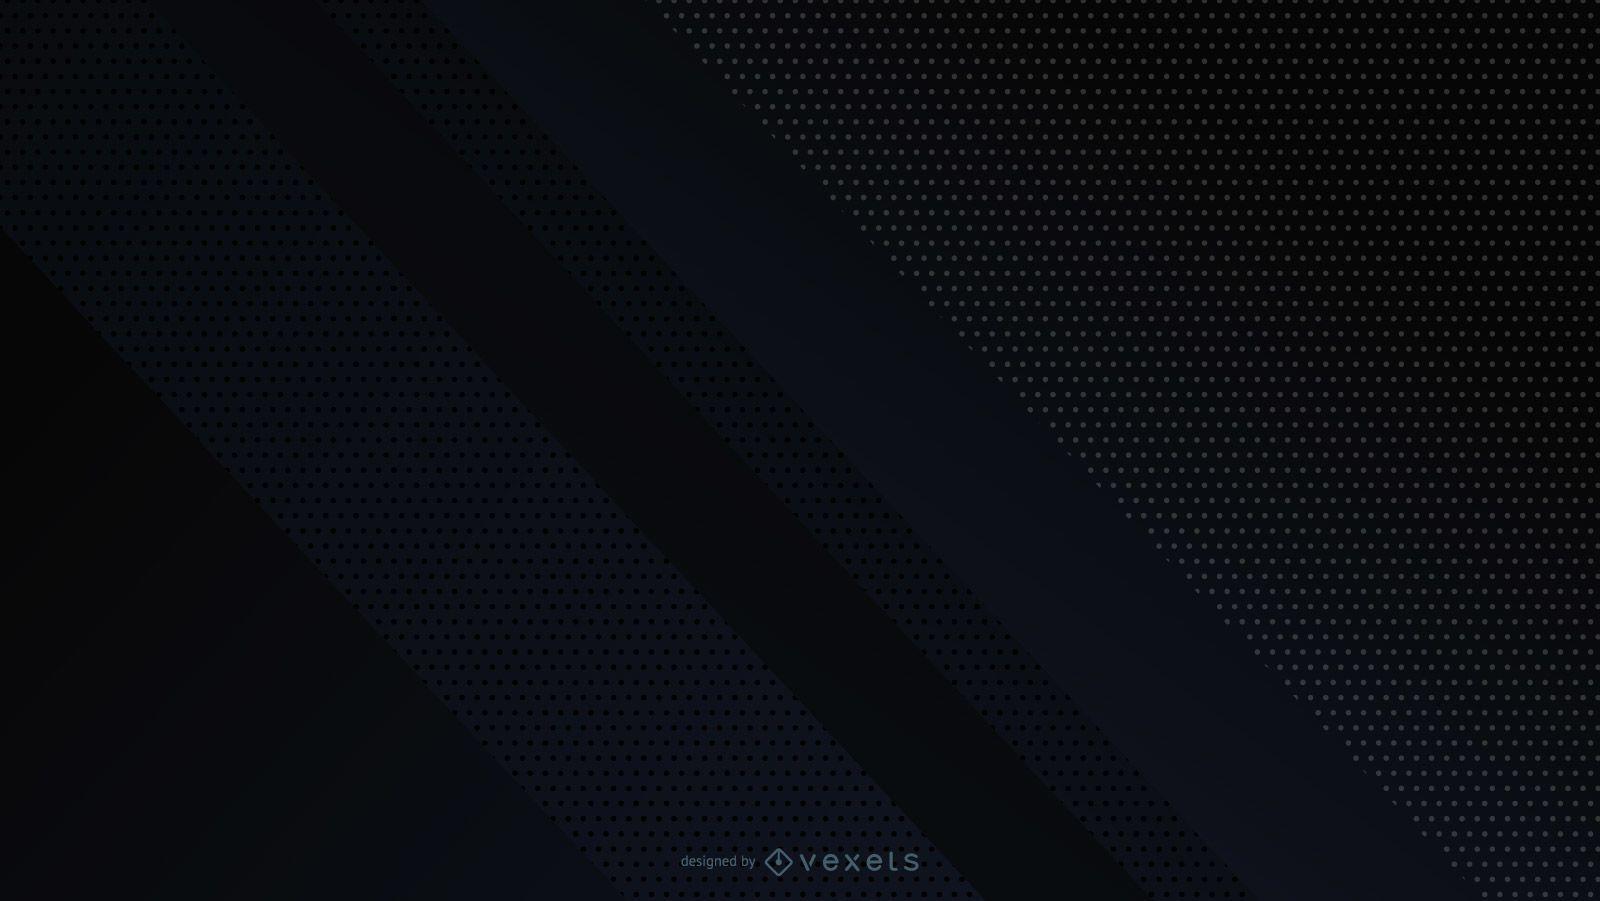 Abstraktes geometrisches Design des schwarzen Hintergrunds